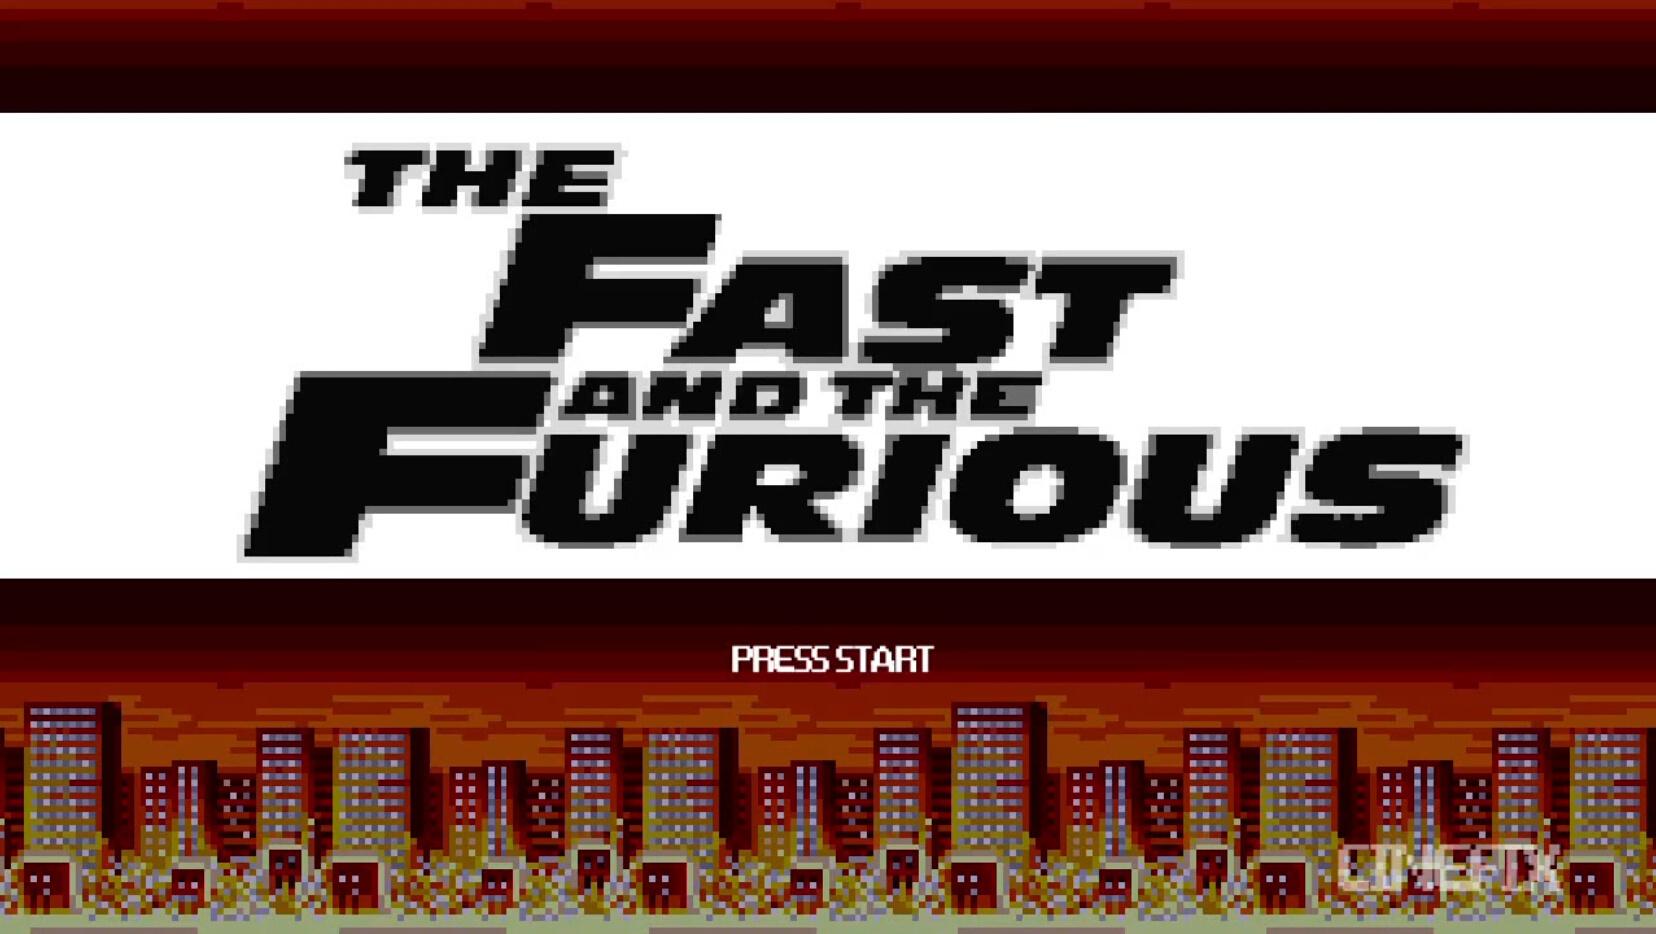 8-Bit版《速度與激情》